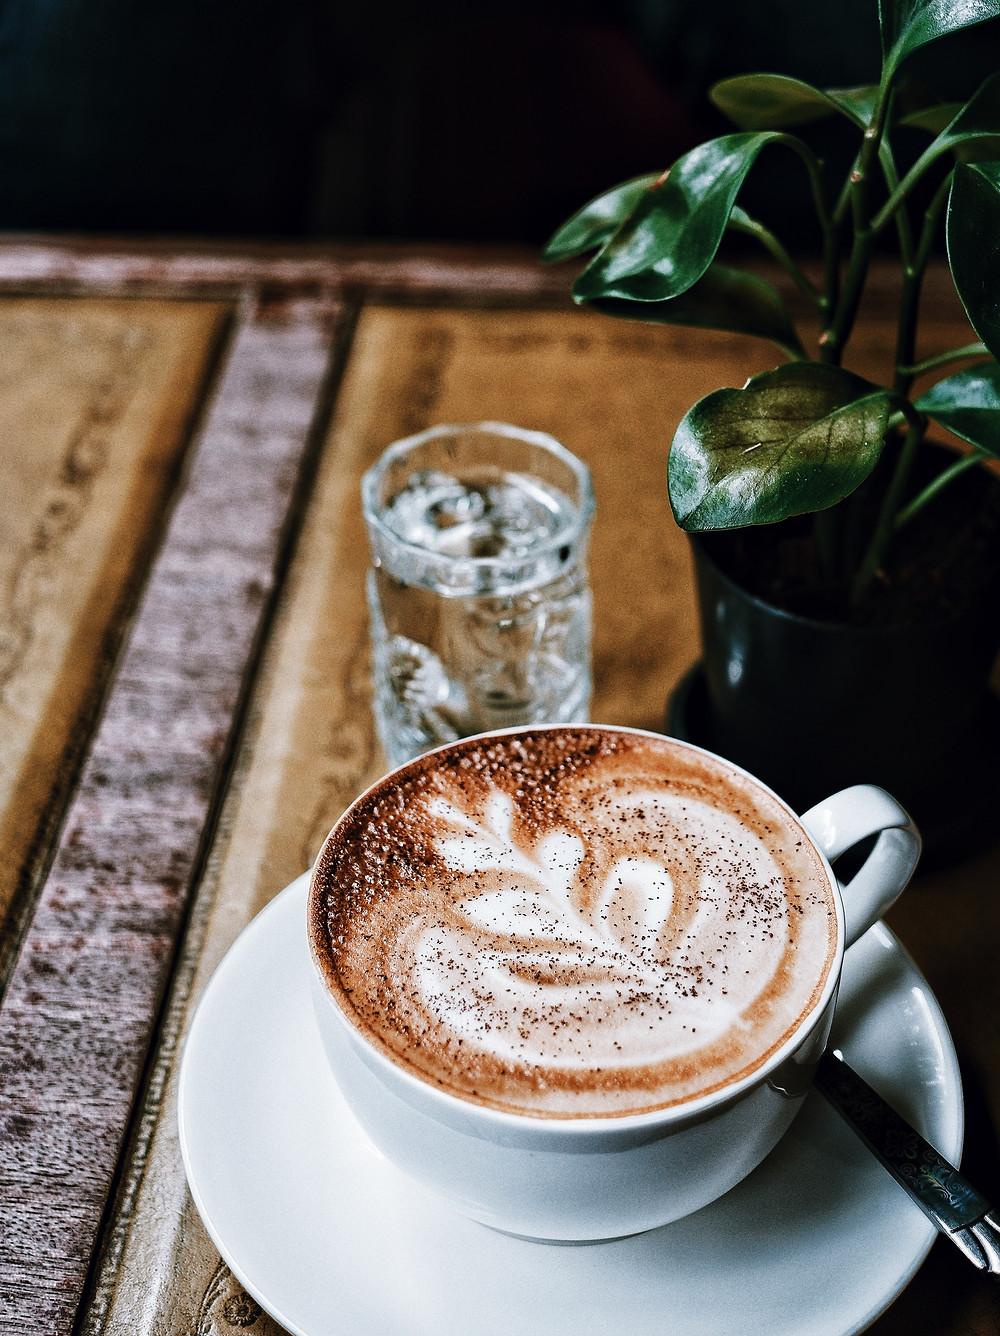 Café mocha dans une tasse blanche sur une table en bois à coté d'une plante